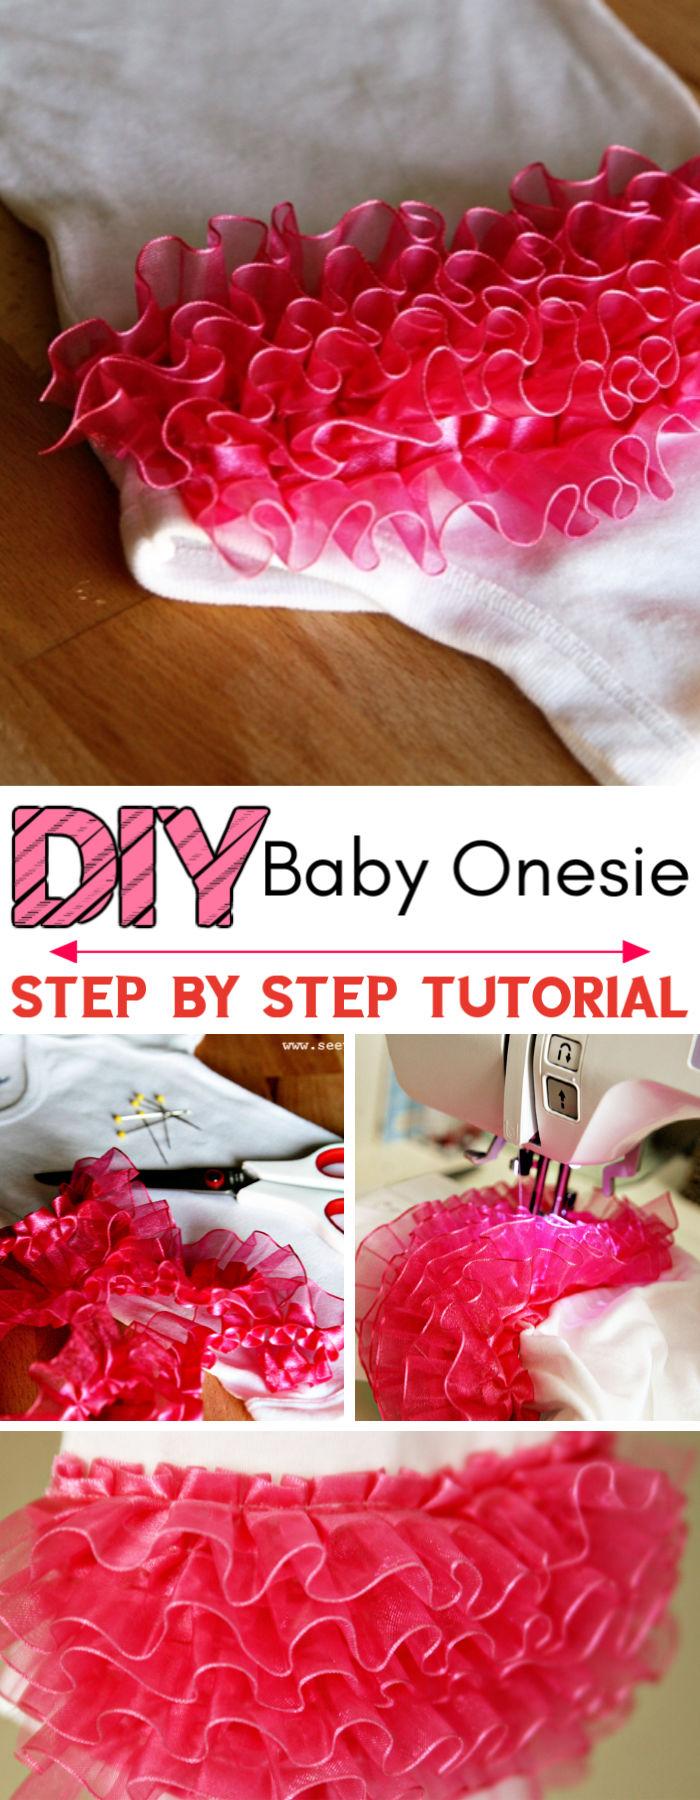 DIY Ruffled Butt Baby Onesie